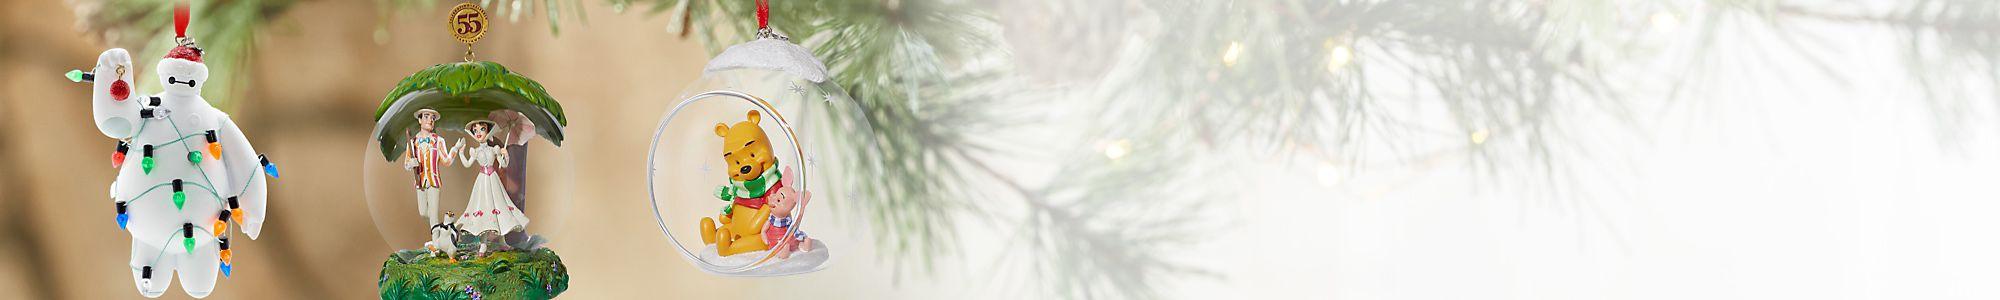 Adornos de Navidad 3 x 2 en selección COMPRAR